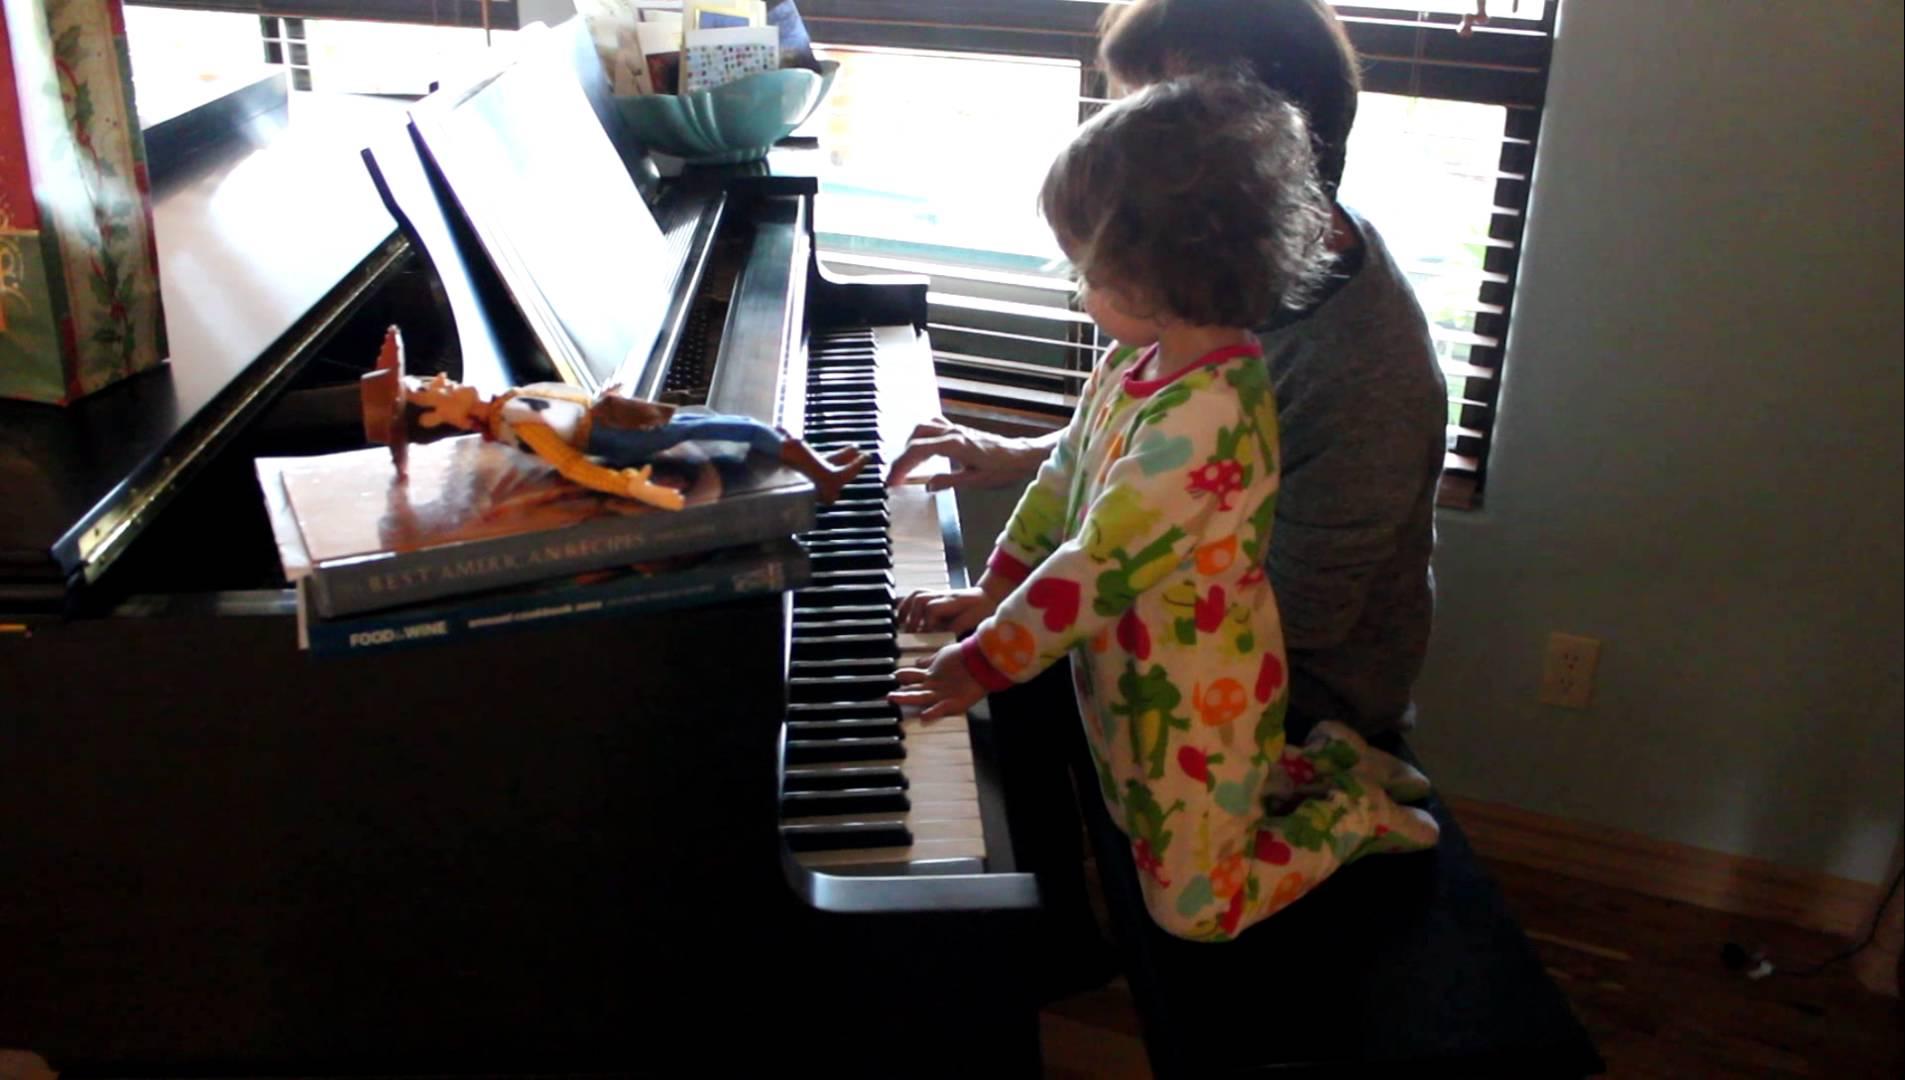 """Đọc xong bài viết Típ người trung niên nào có thể học đàn piano, hẳn bạn đã thấy bóng dáng của mình trong đó và muốn """"Just do it!"""" ngay nhưng rồi bạn lại nghi ngại, không dám mạnh dạn làm điều mình muốn."""